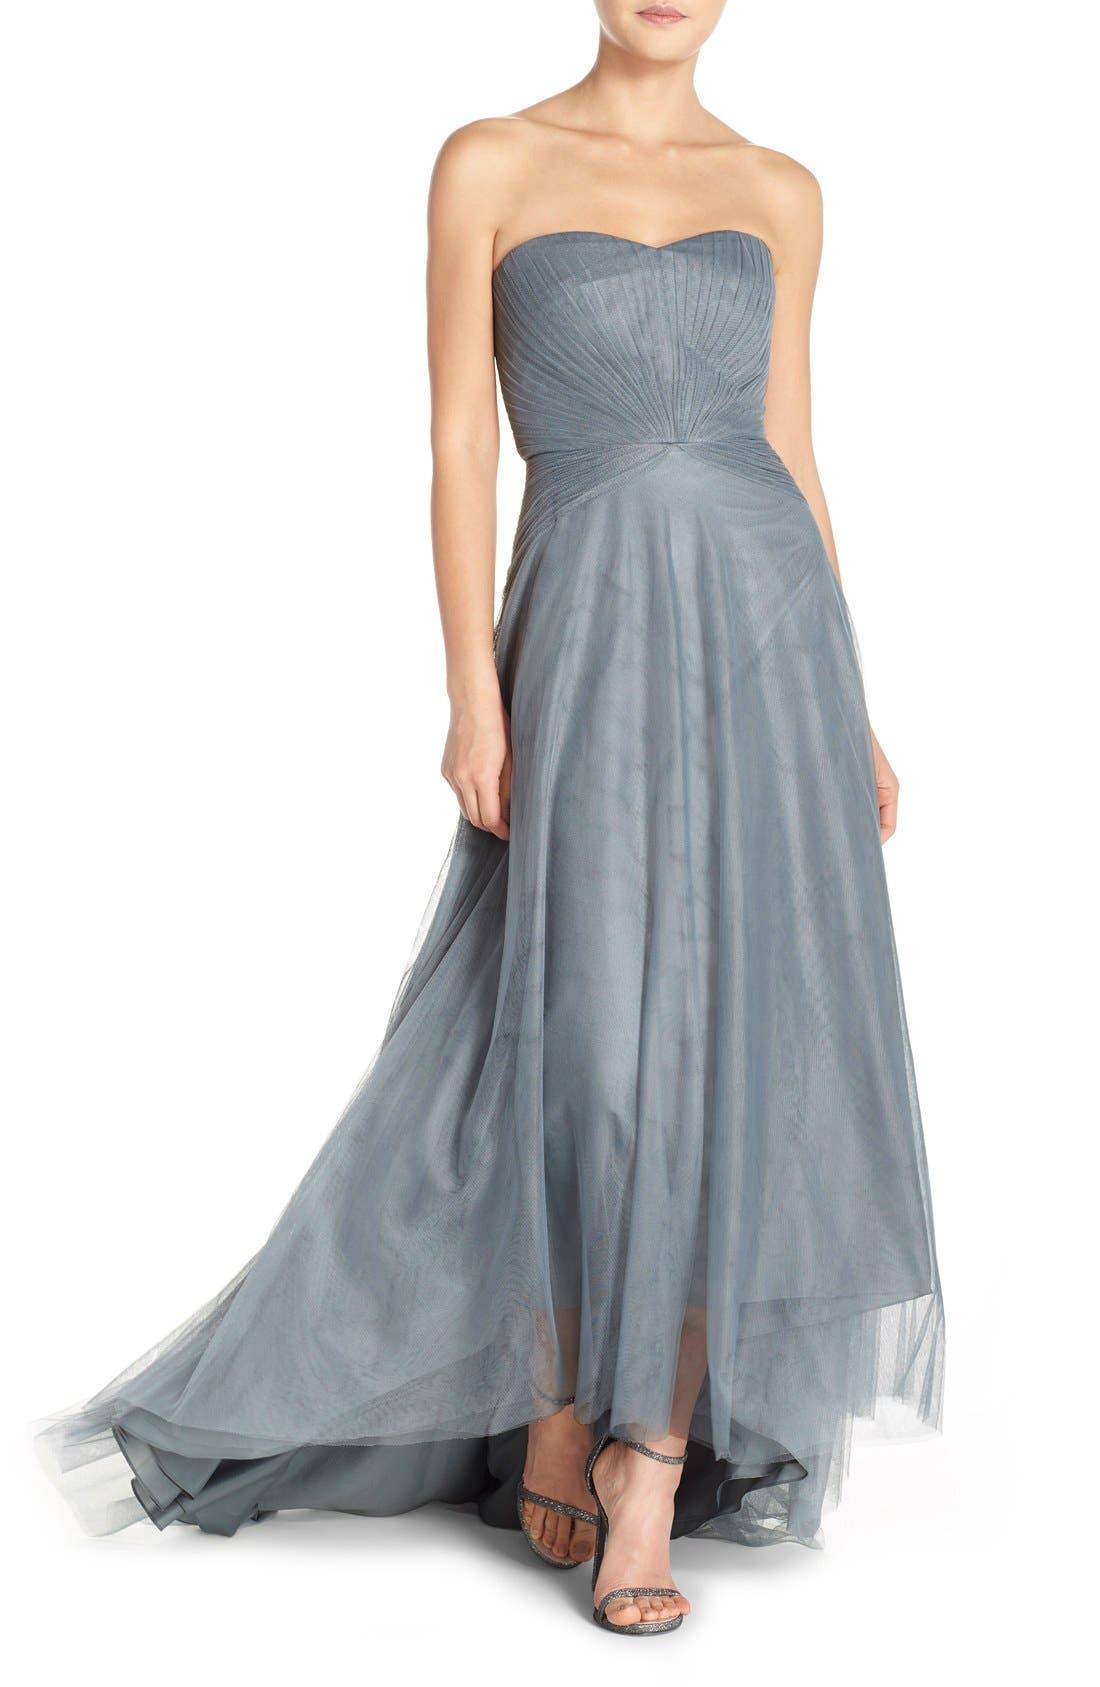 Main Image - Monique Lhuillier Bridesmaids Pleat Tulle Strapless Gown